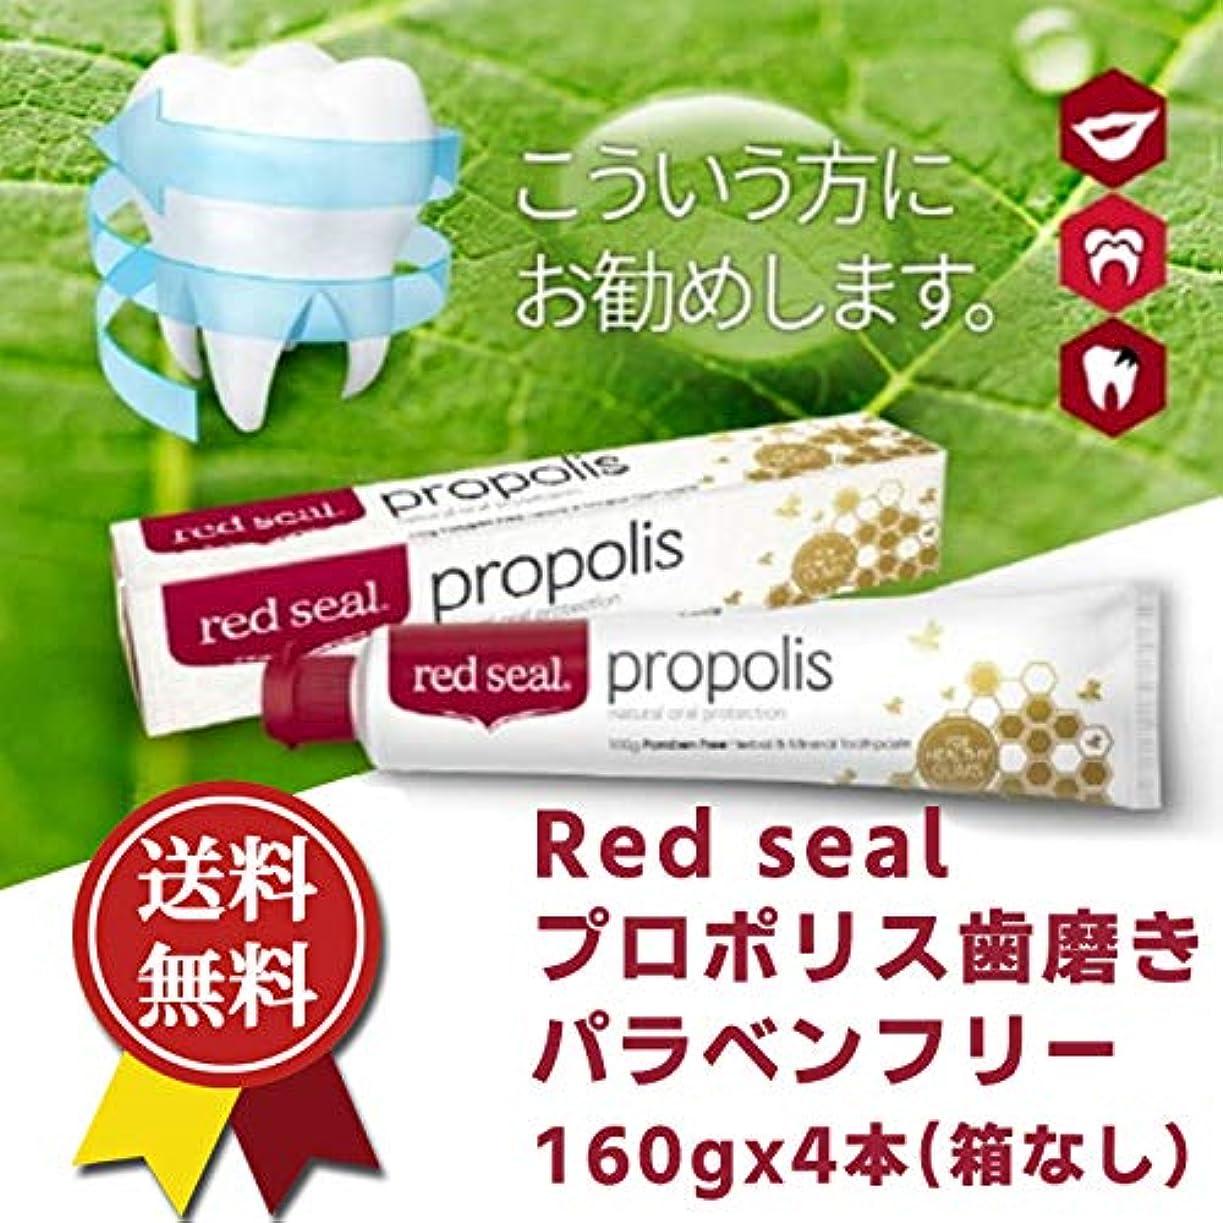 オペラ製造業全部★送料無料★red seal レッドシール プロポリス 歯磨き粉160gx4本 RED SEAL Propolis Toothpaste